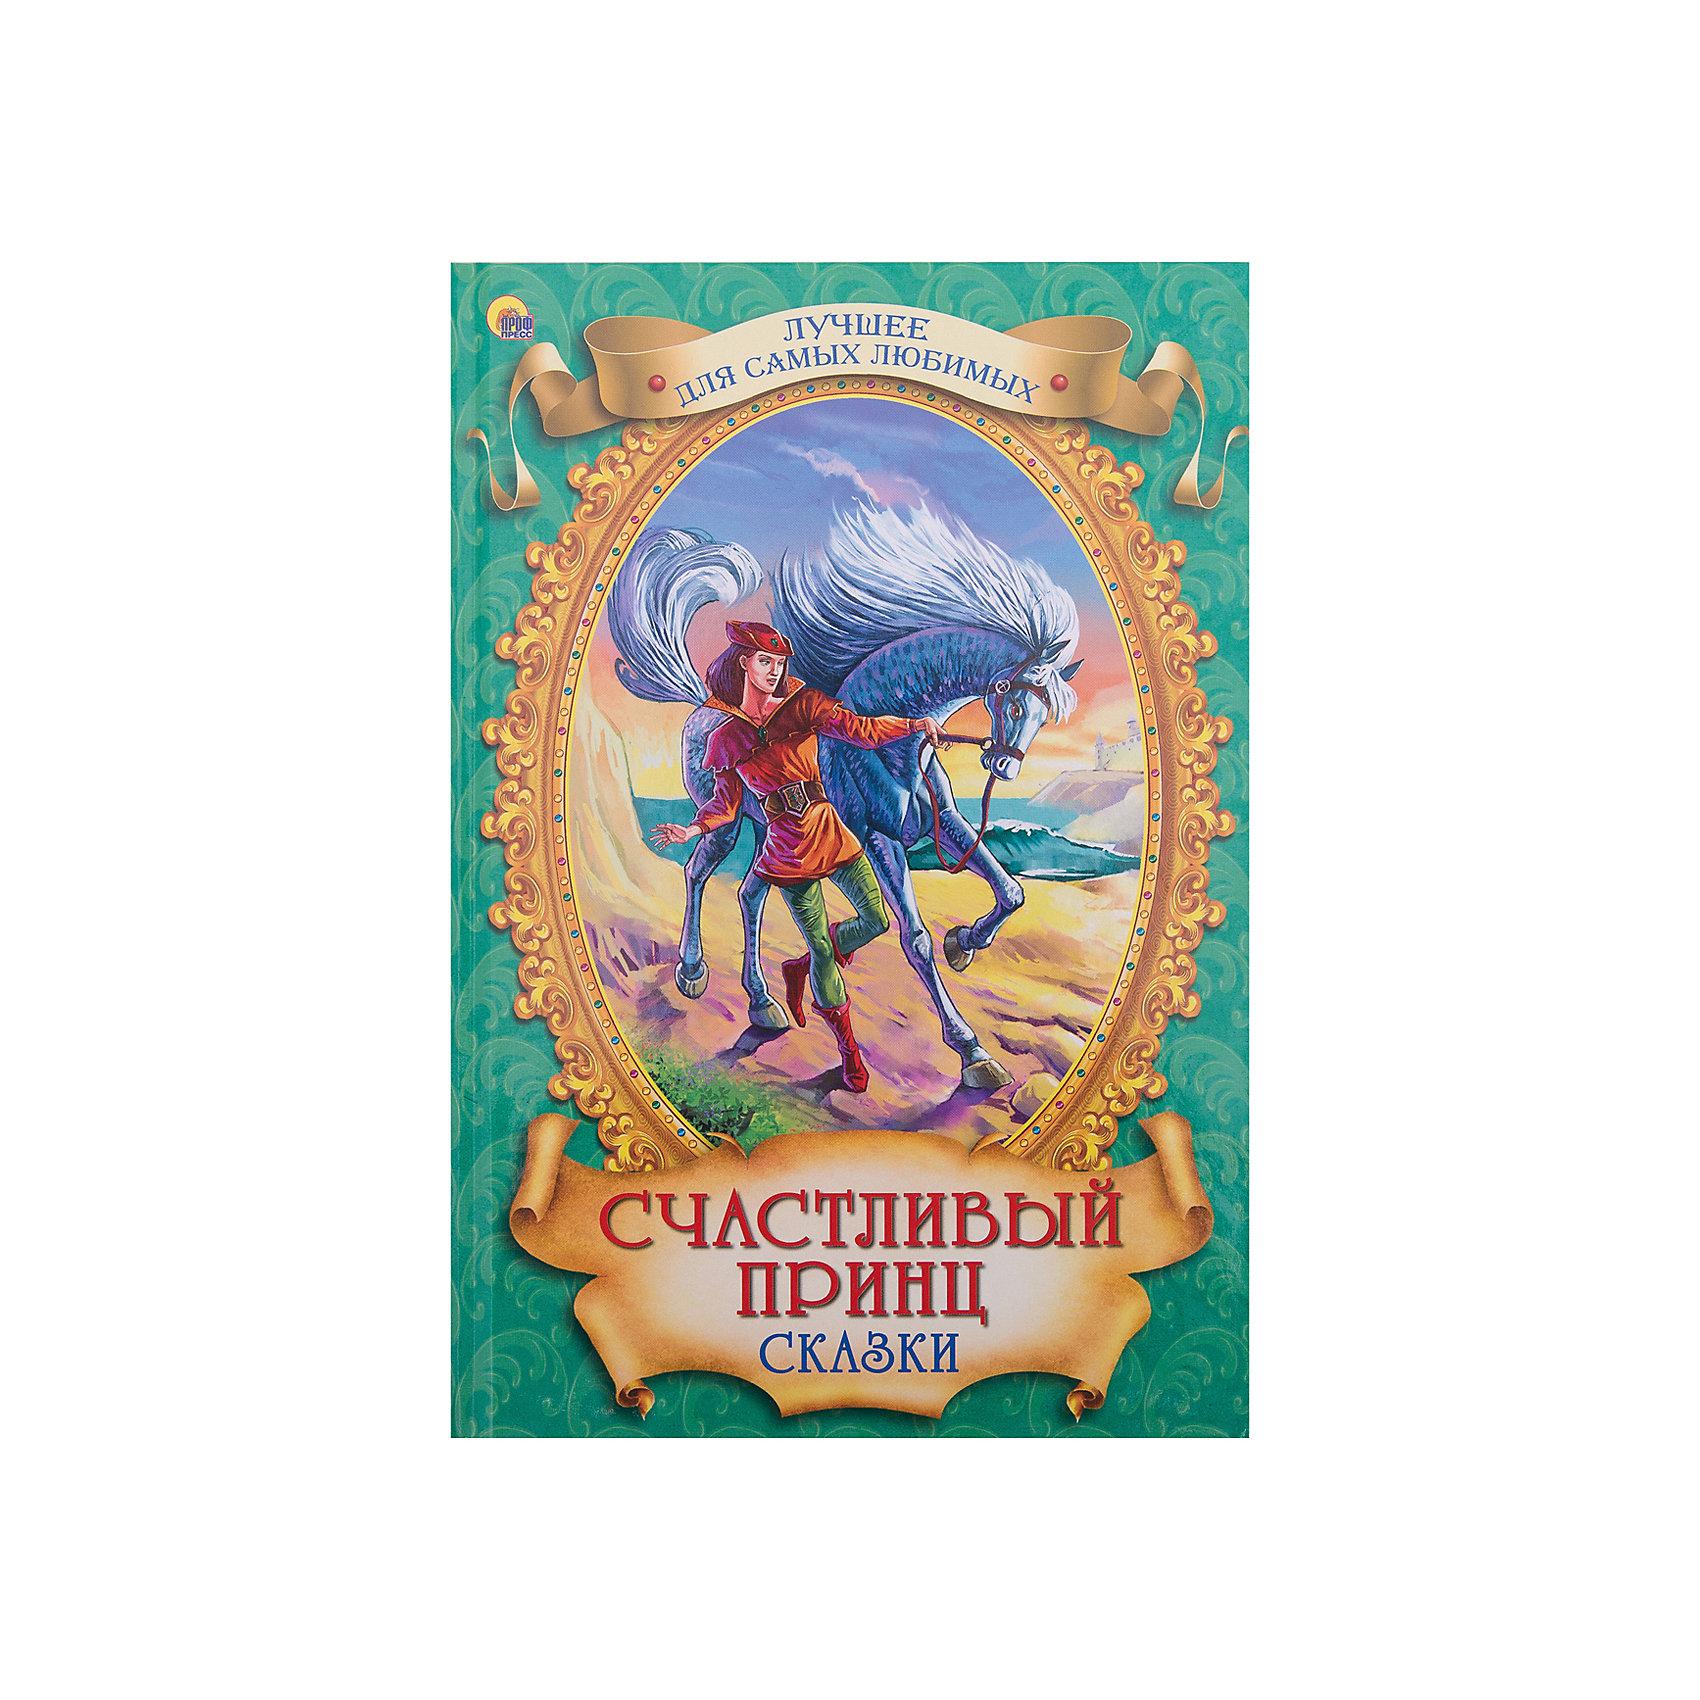 Сборник сказок Счастливый принцДанная серия собрала сказки, проверенные многими поколениями, которые понравятся и современным детям. Книги - это лучший подарок не только взрослым, они помогают детям познавать мир. Они также стимулируют развитие воображения, логики и творческого мышления.<br>Это издание очень красиво оформлено, в него вошли самые интересные сказки и легенды разных авторов, а также английские и шотландские народные сказки. Книга сделана из качественных и безопасных для детей материалов.<br>  <br>Дополнительная информация:<br><br>В книгу вошли сказки:<br>«Счастливый Принц».  Оскар Уайльд <br>«Кузнец и эльфы». Шотландская сказка<br>«Владычица Бурь».  Британская сказка<br>«Чудесная женитьба рыцаря Гавейна»<br>«Ненасытный Мэдок». Валлийская сказка<br>«Волшебный кубок Финвары»<br><br>Возрастные ограничения 6+<br><br>размер: 170x246 мм;<br>вес: 281 г.<br><br>Книгу Счастливый принц. Сказки от издательства Проф-Пресс можно купить в нашем магазине.<br><br>Ширина мм: 170<br>Глубина мм: 13<br>Высота мм: 246<br>Вес г: 281<br>Возраст от месяцев: 0<br>Возраст до месяцев: 60<br>Пол: Унисекс<br>Возраст: Детский<br>SKU: 4787316